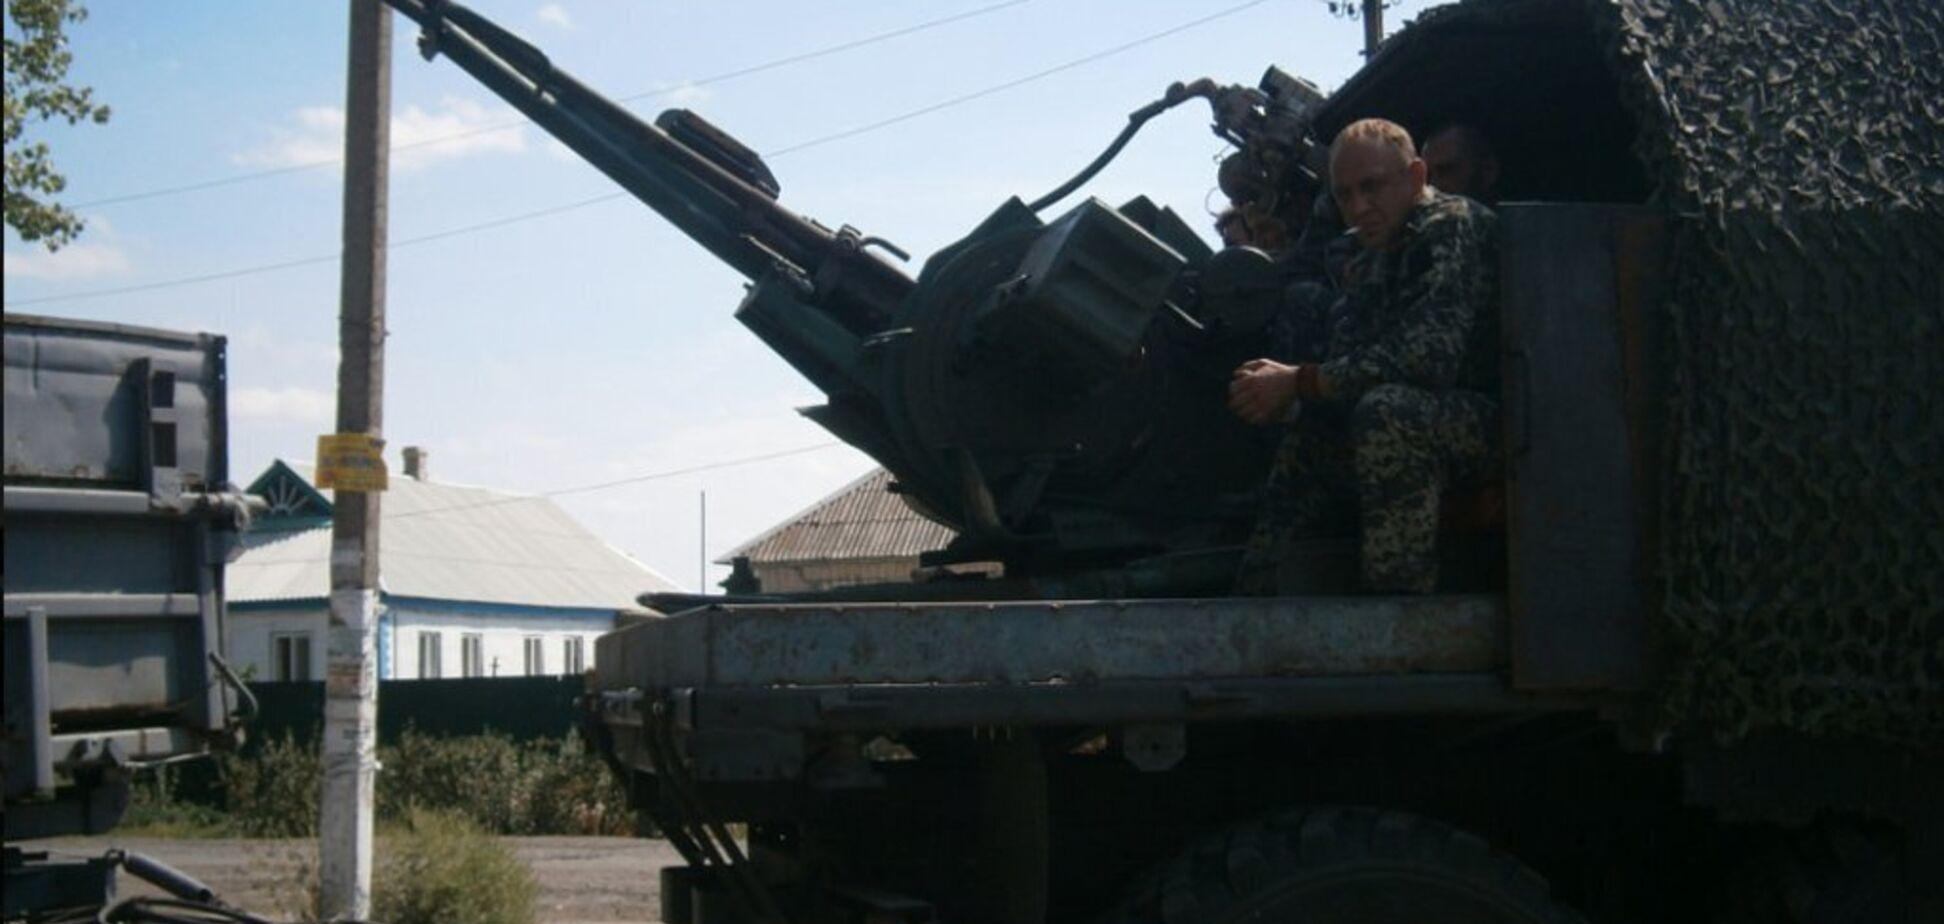 Катастрофа МН17: Гіркін закотив істерику через викрадення СБУ командира 'ДНР'